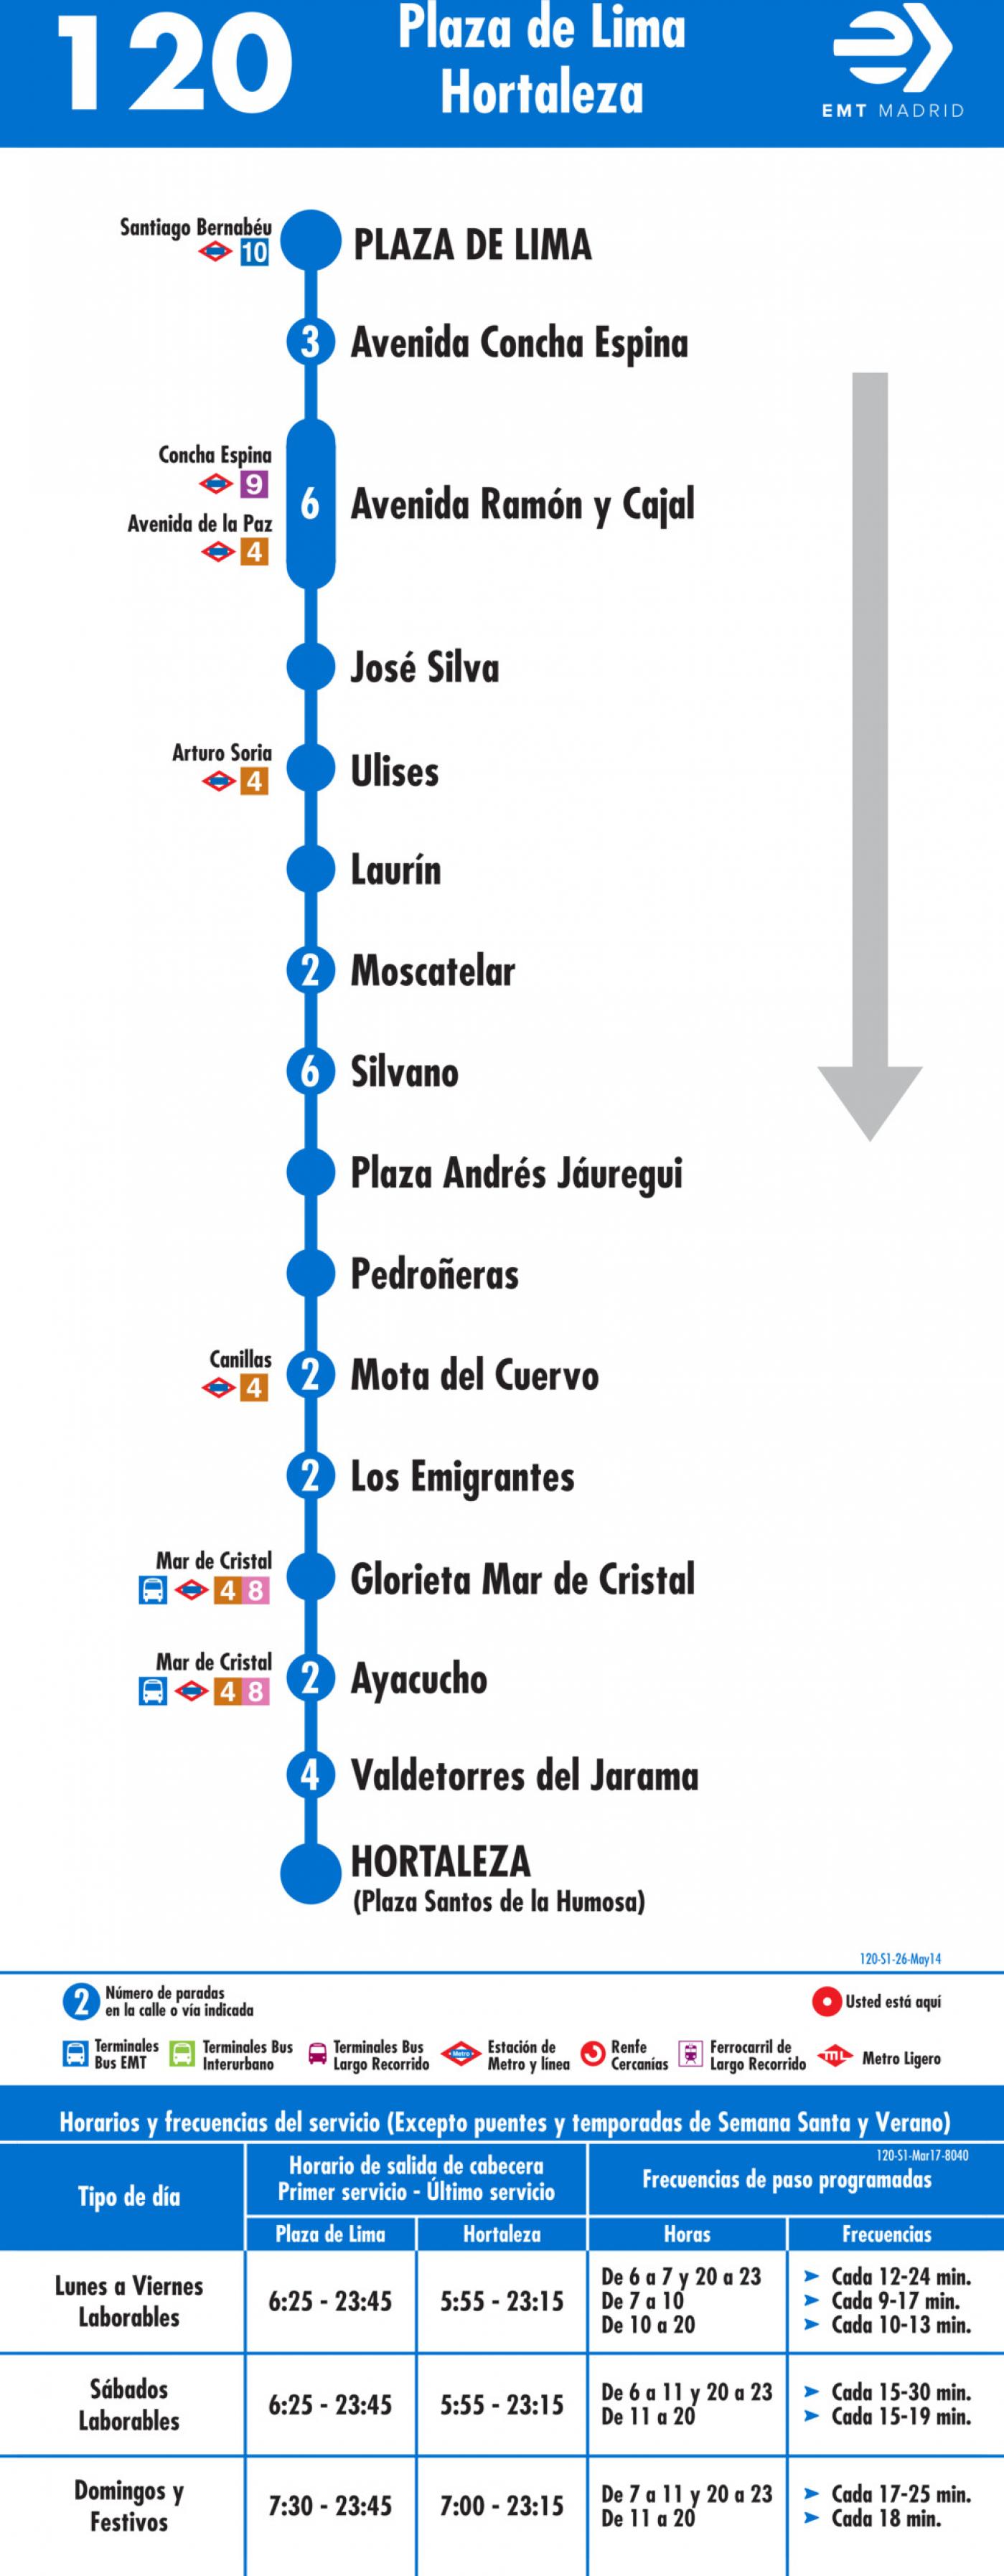 Tabla de horarios y frecuencias de paso en sentido ida Línea 120: Plaza de Lima - Hortaleza